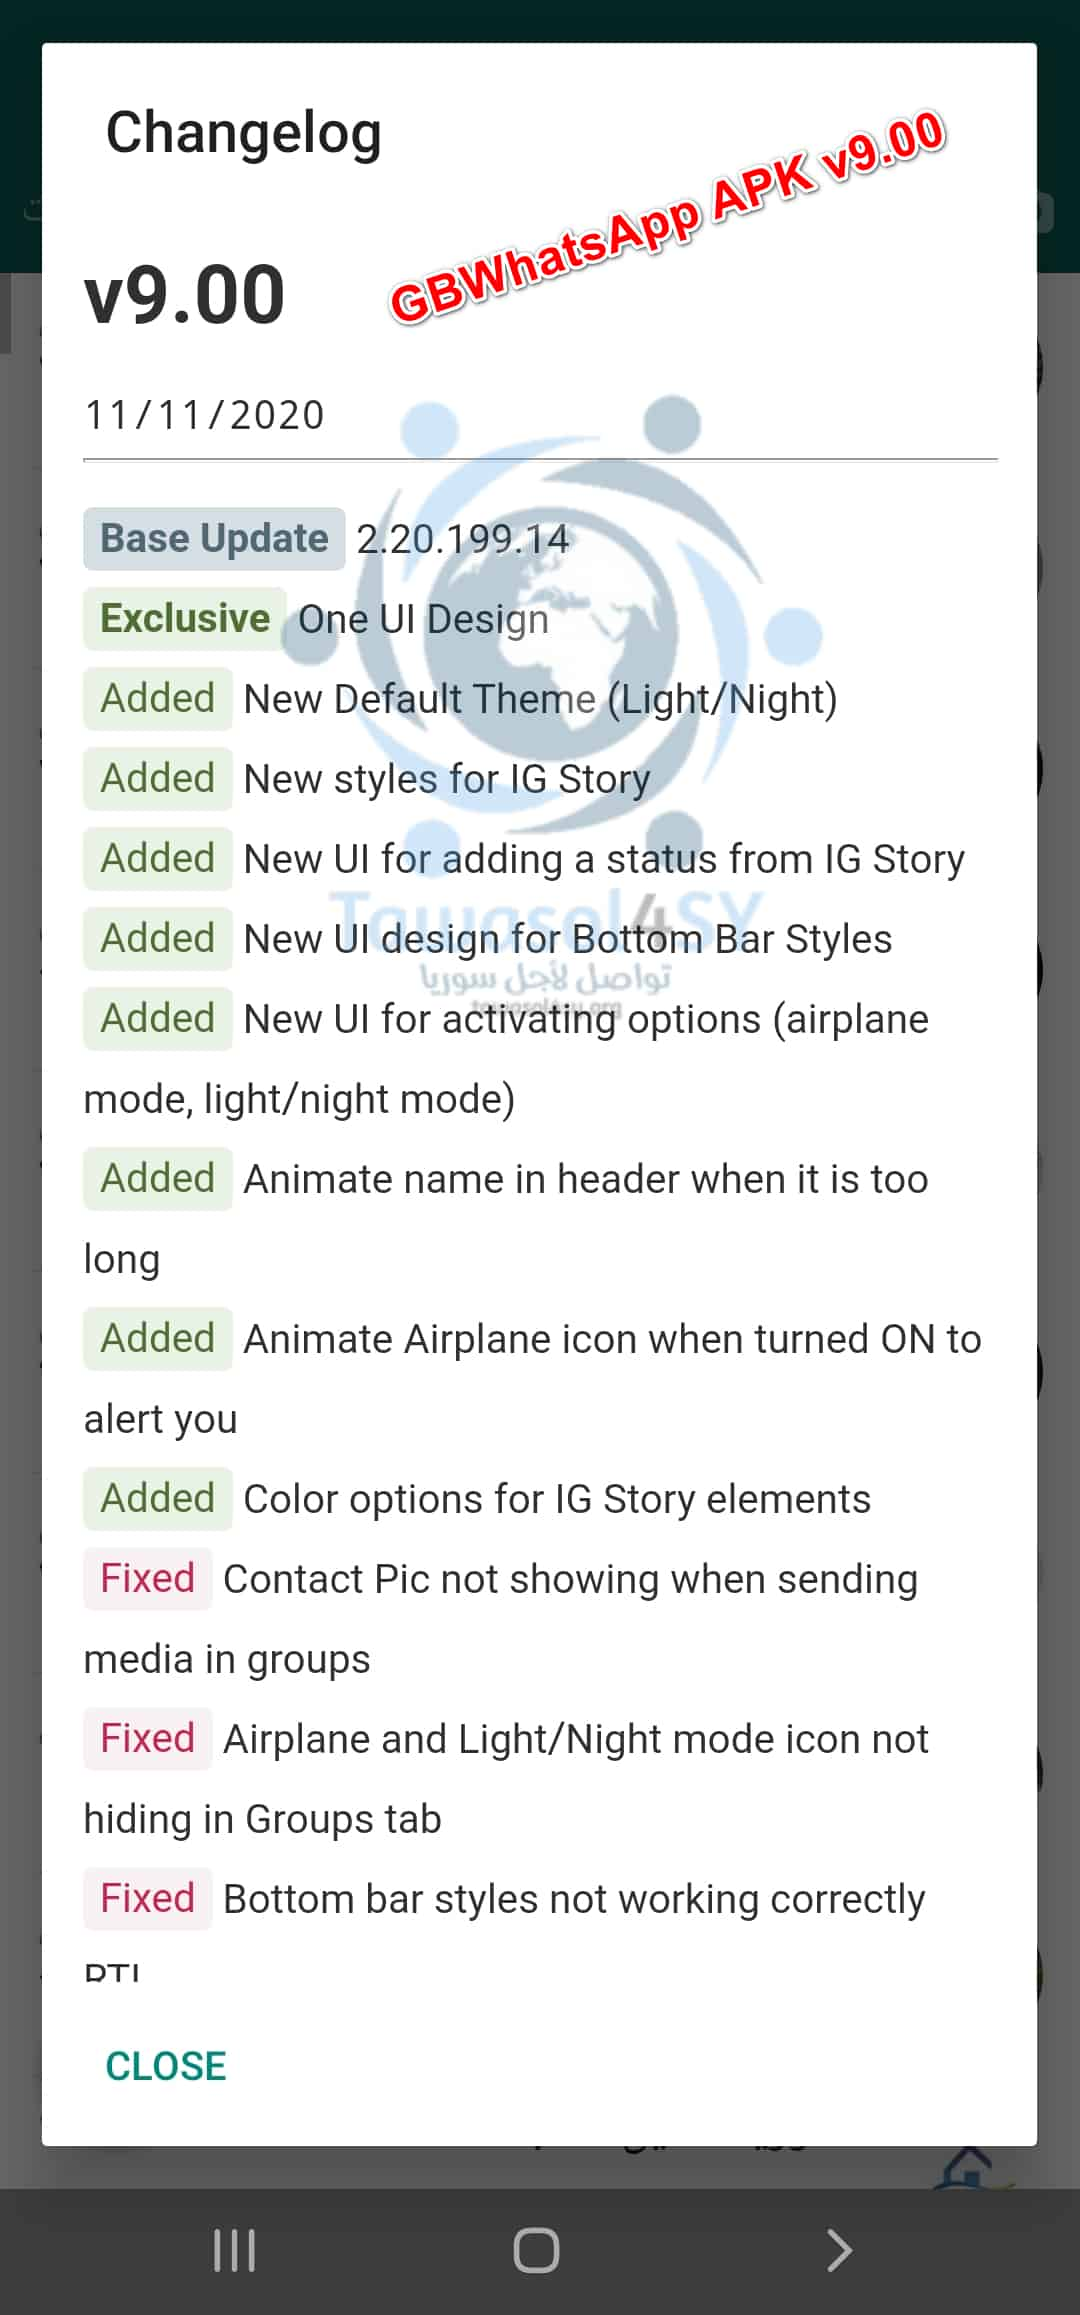 تحديثات جيبي واتساب برو GBWhatsApp APK v9.00